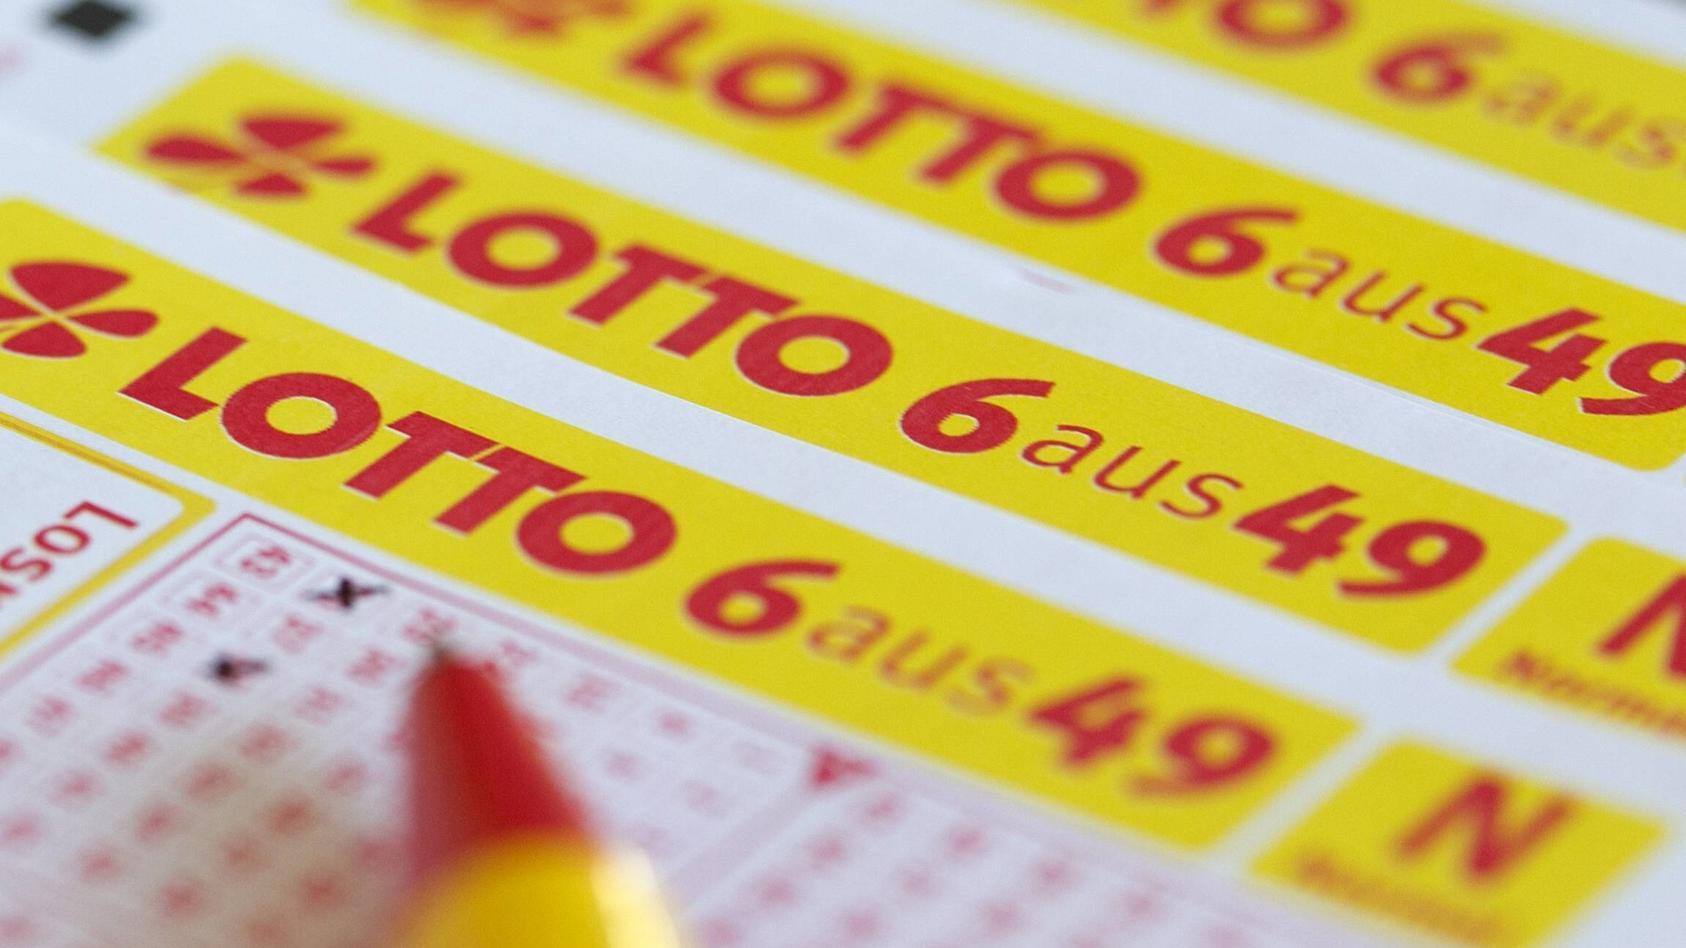 80-jähriger Lottospieler tippt versehentlich andere Zahlen ein und gewinnt 100.000 Pfund.